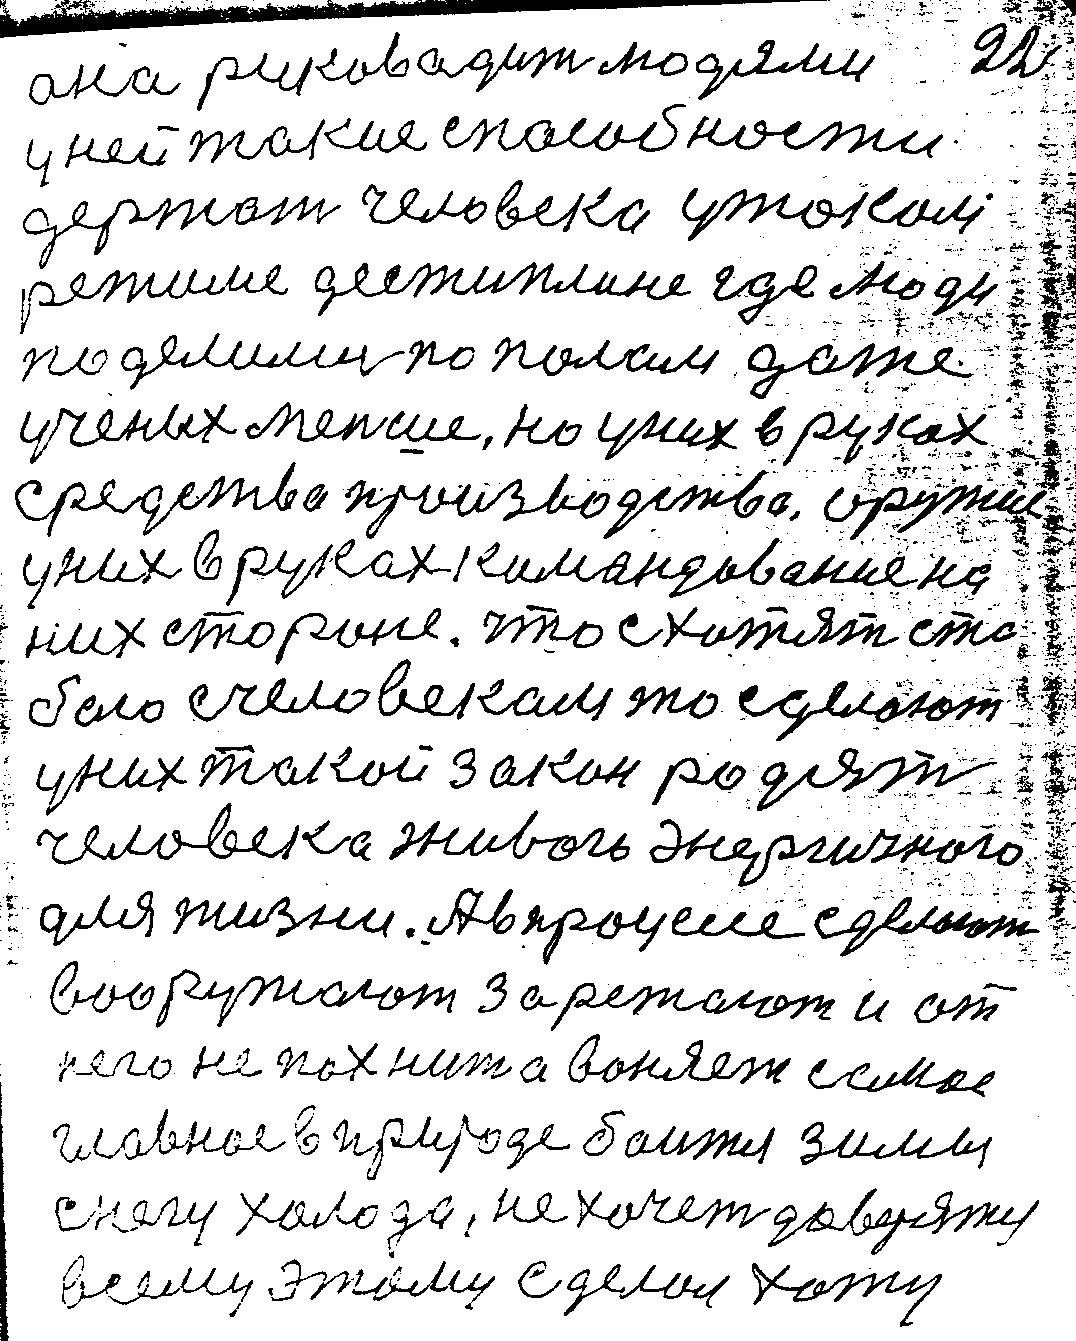 Str022.jpg